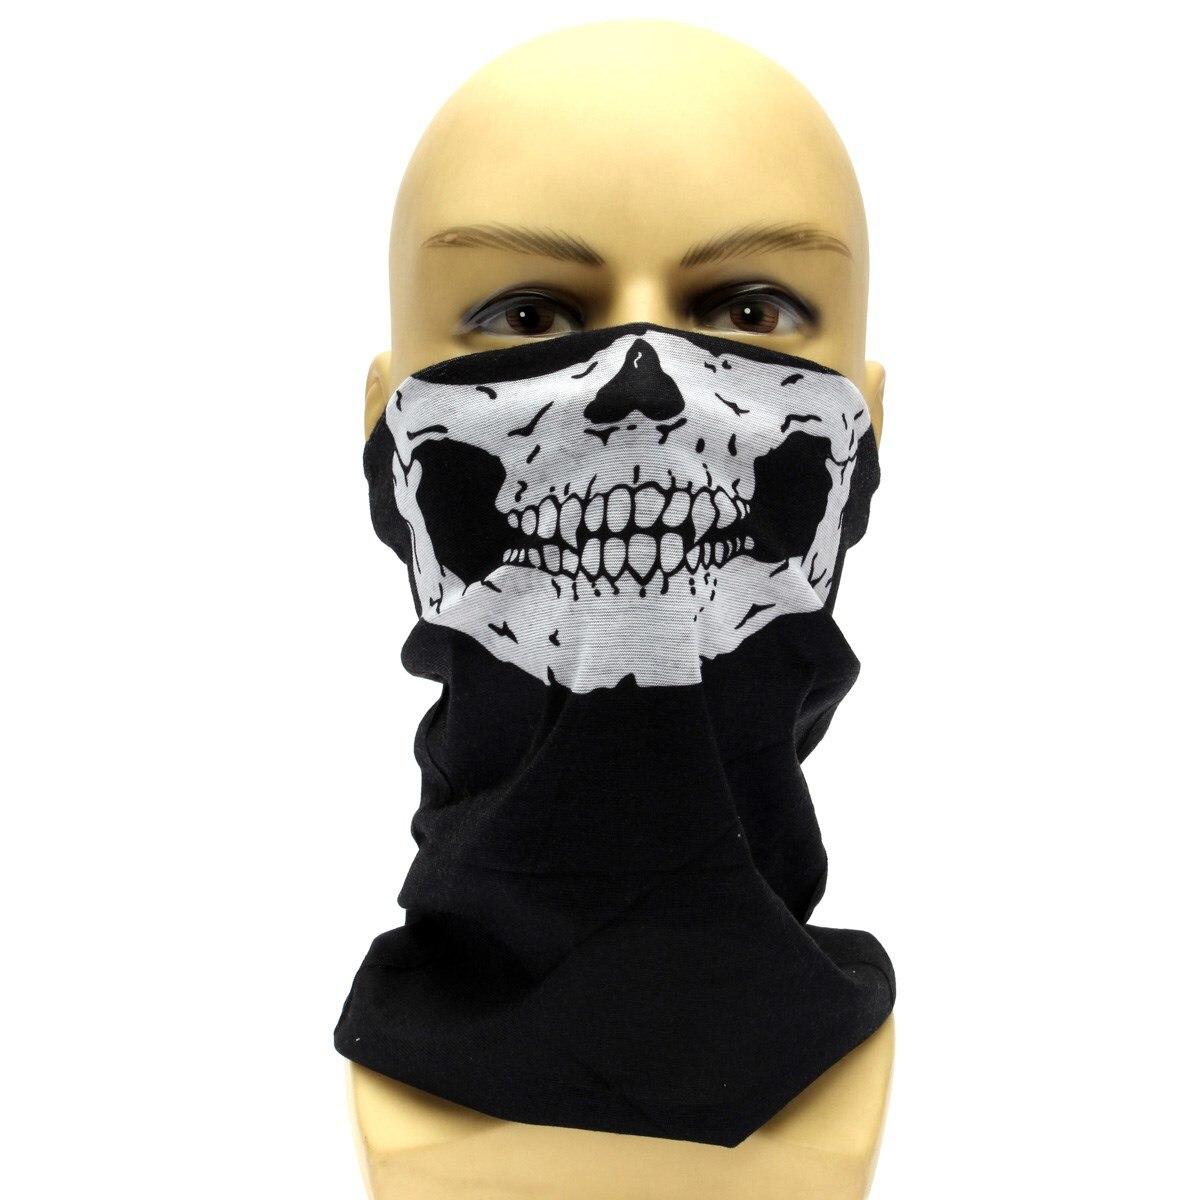 biker masks uk popular bike 2017. 2 ghost biker skull hood face ...